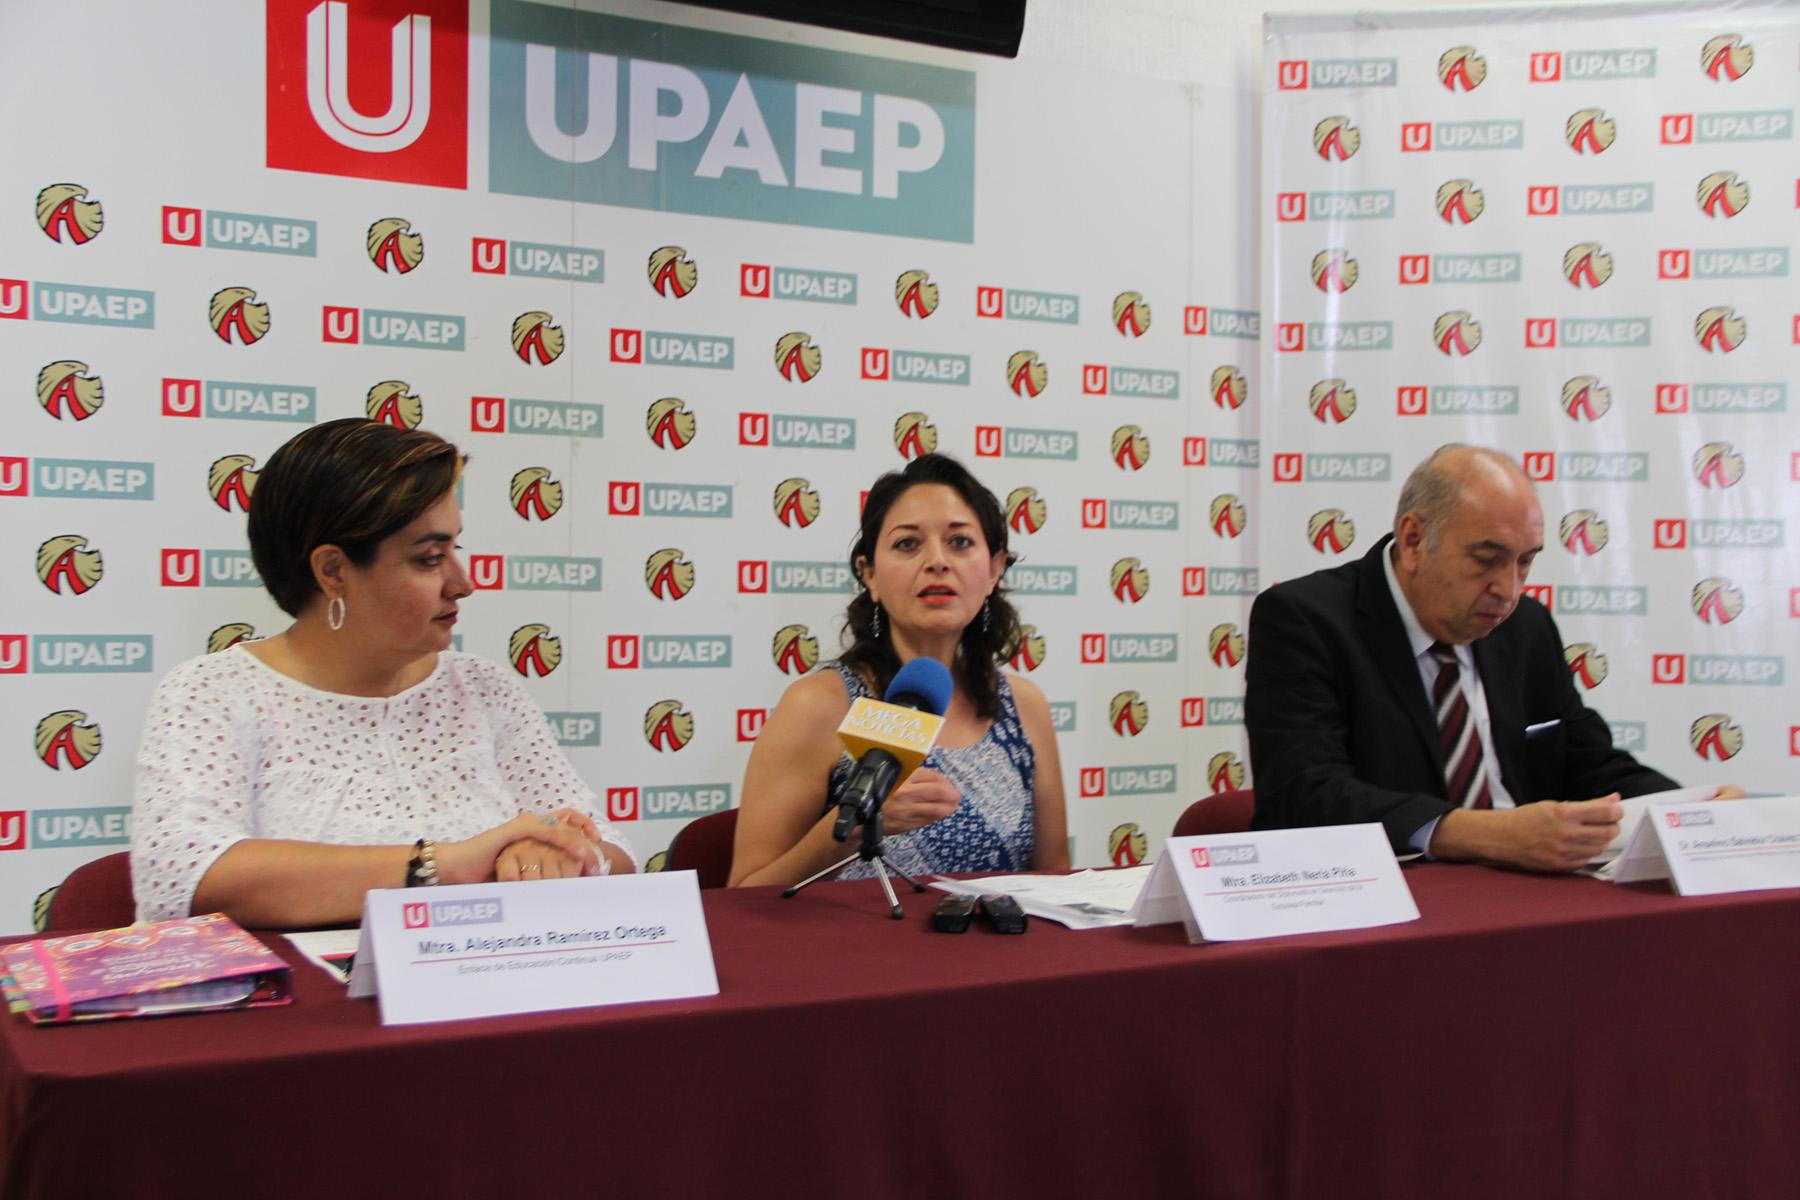 Empresas  familiares en México son  mayoría pero sin estrategia: Upaep